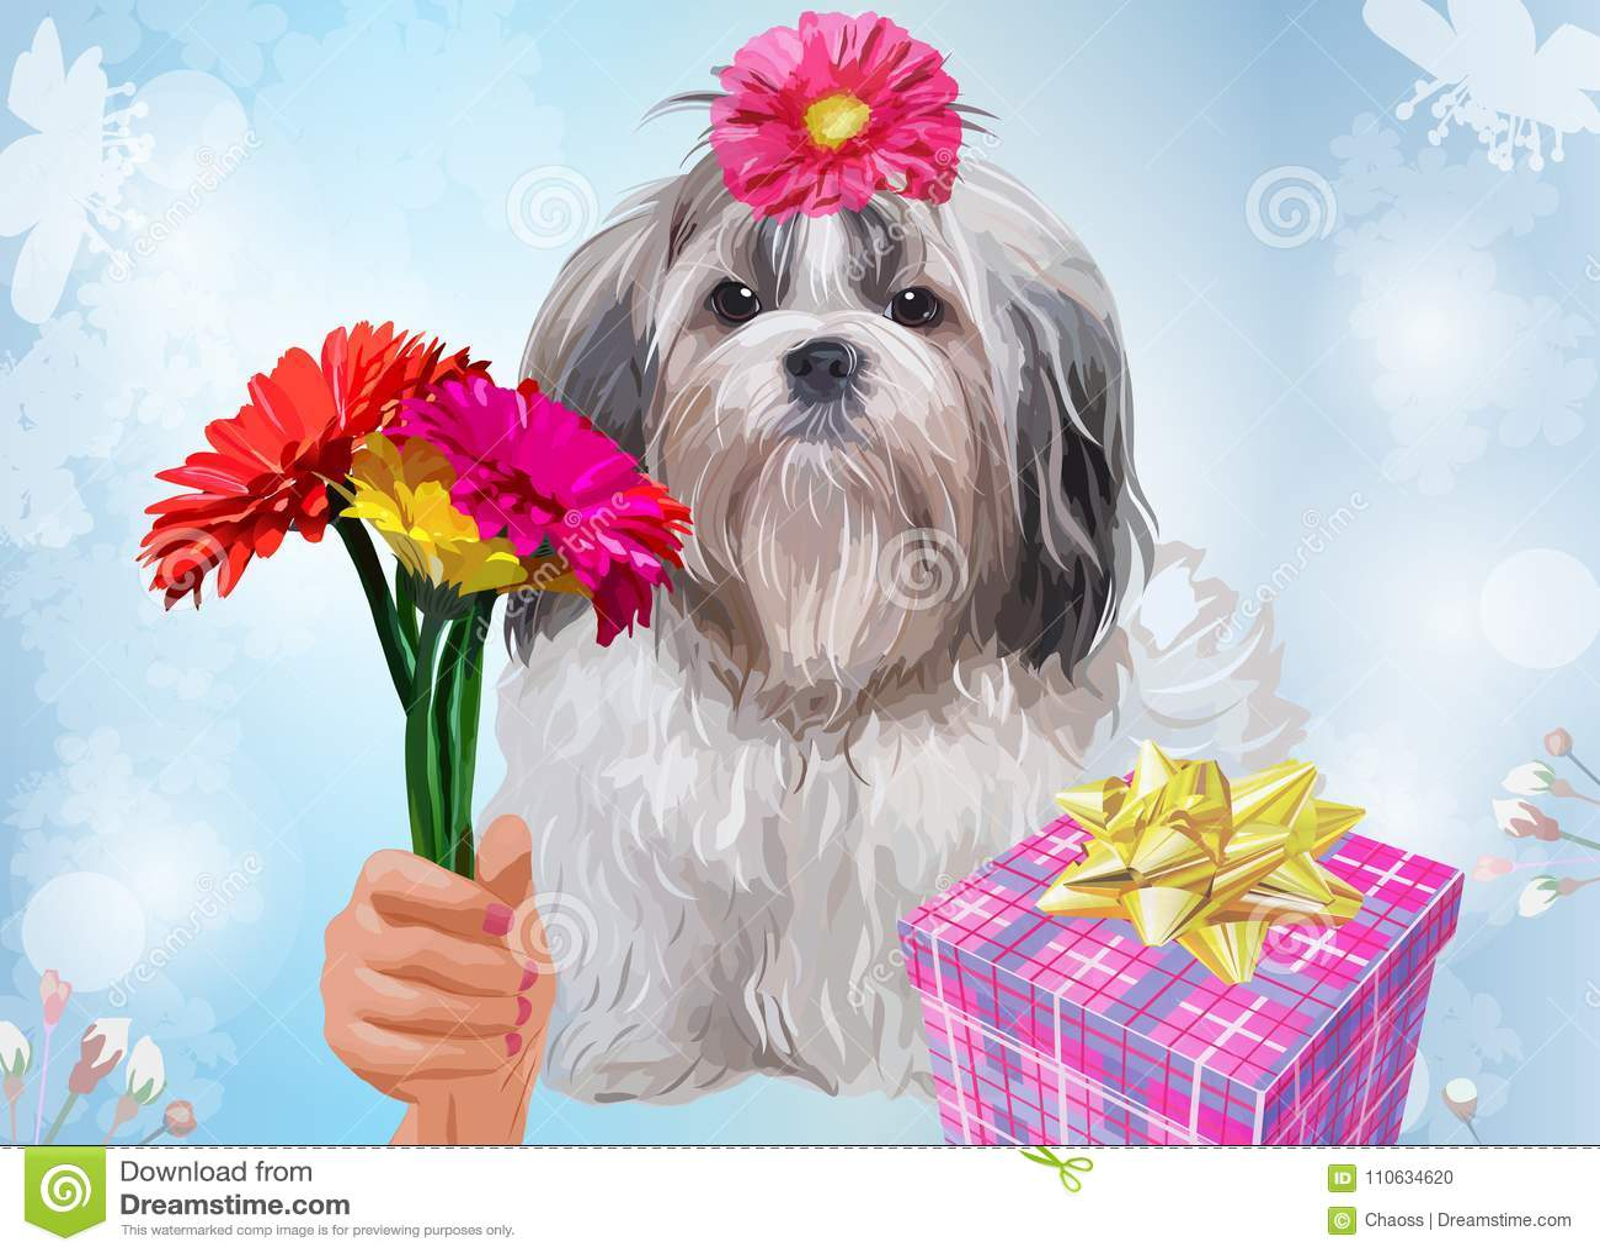 Shih tzu dog gift